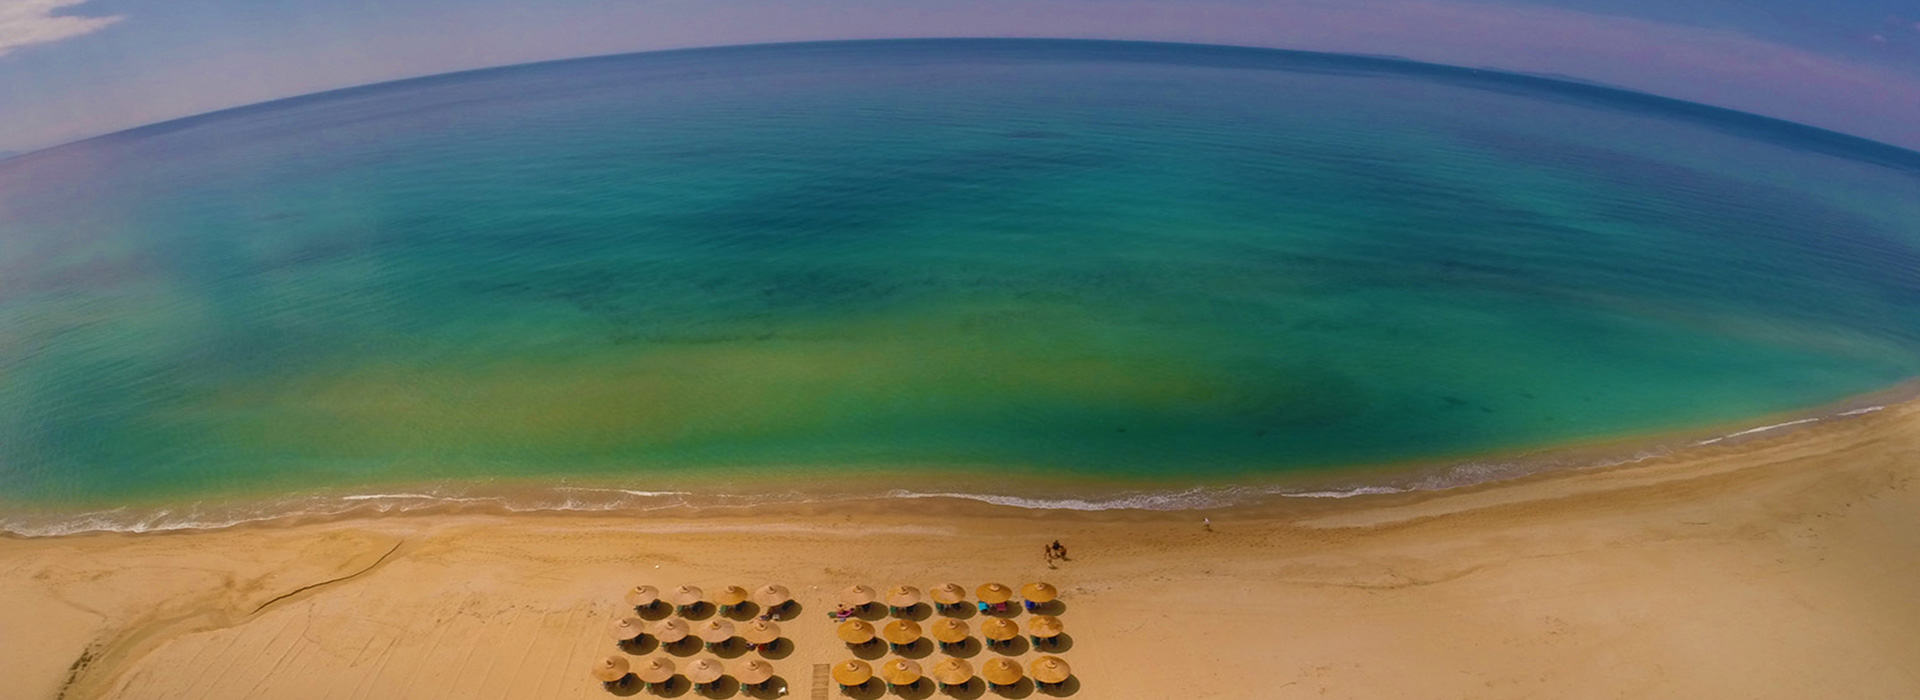 Vrachos Beach